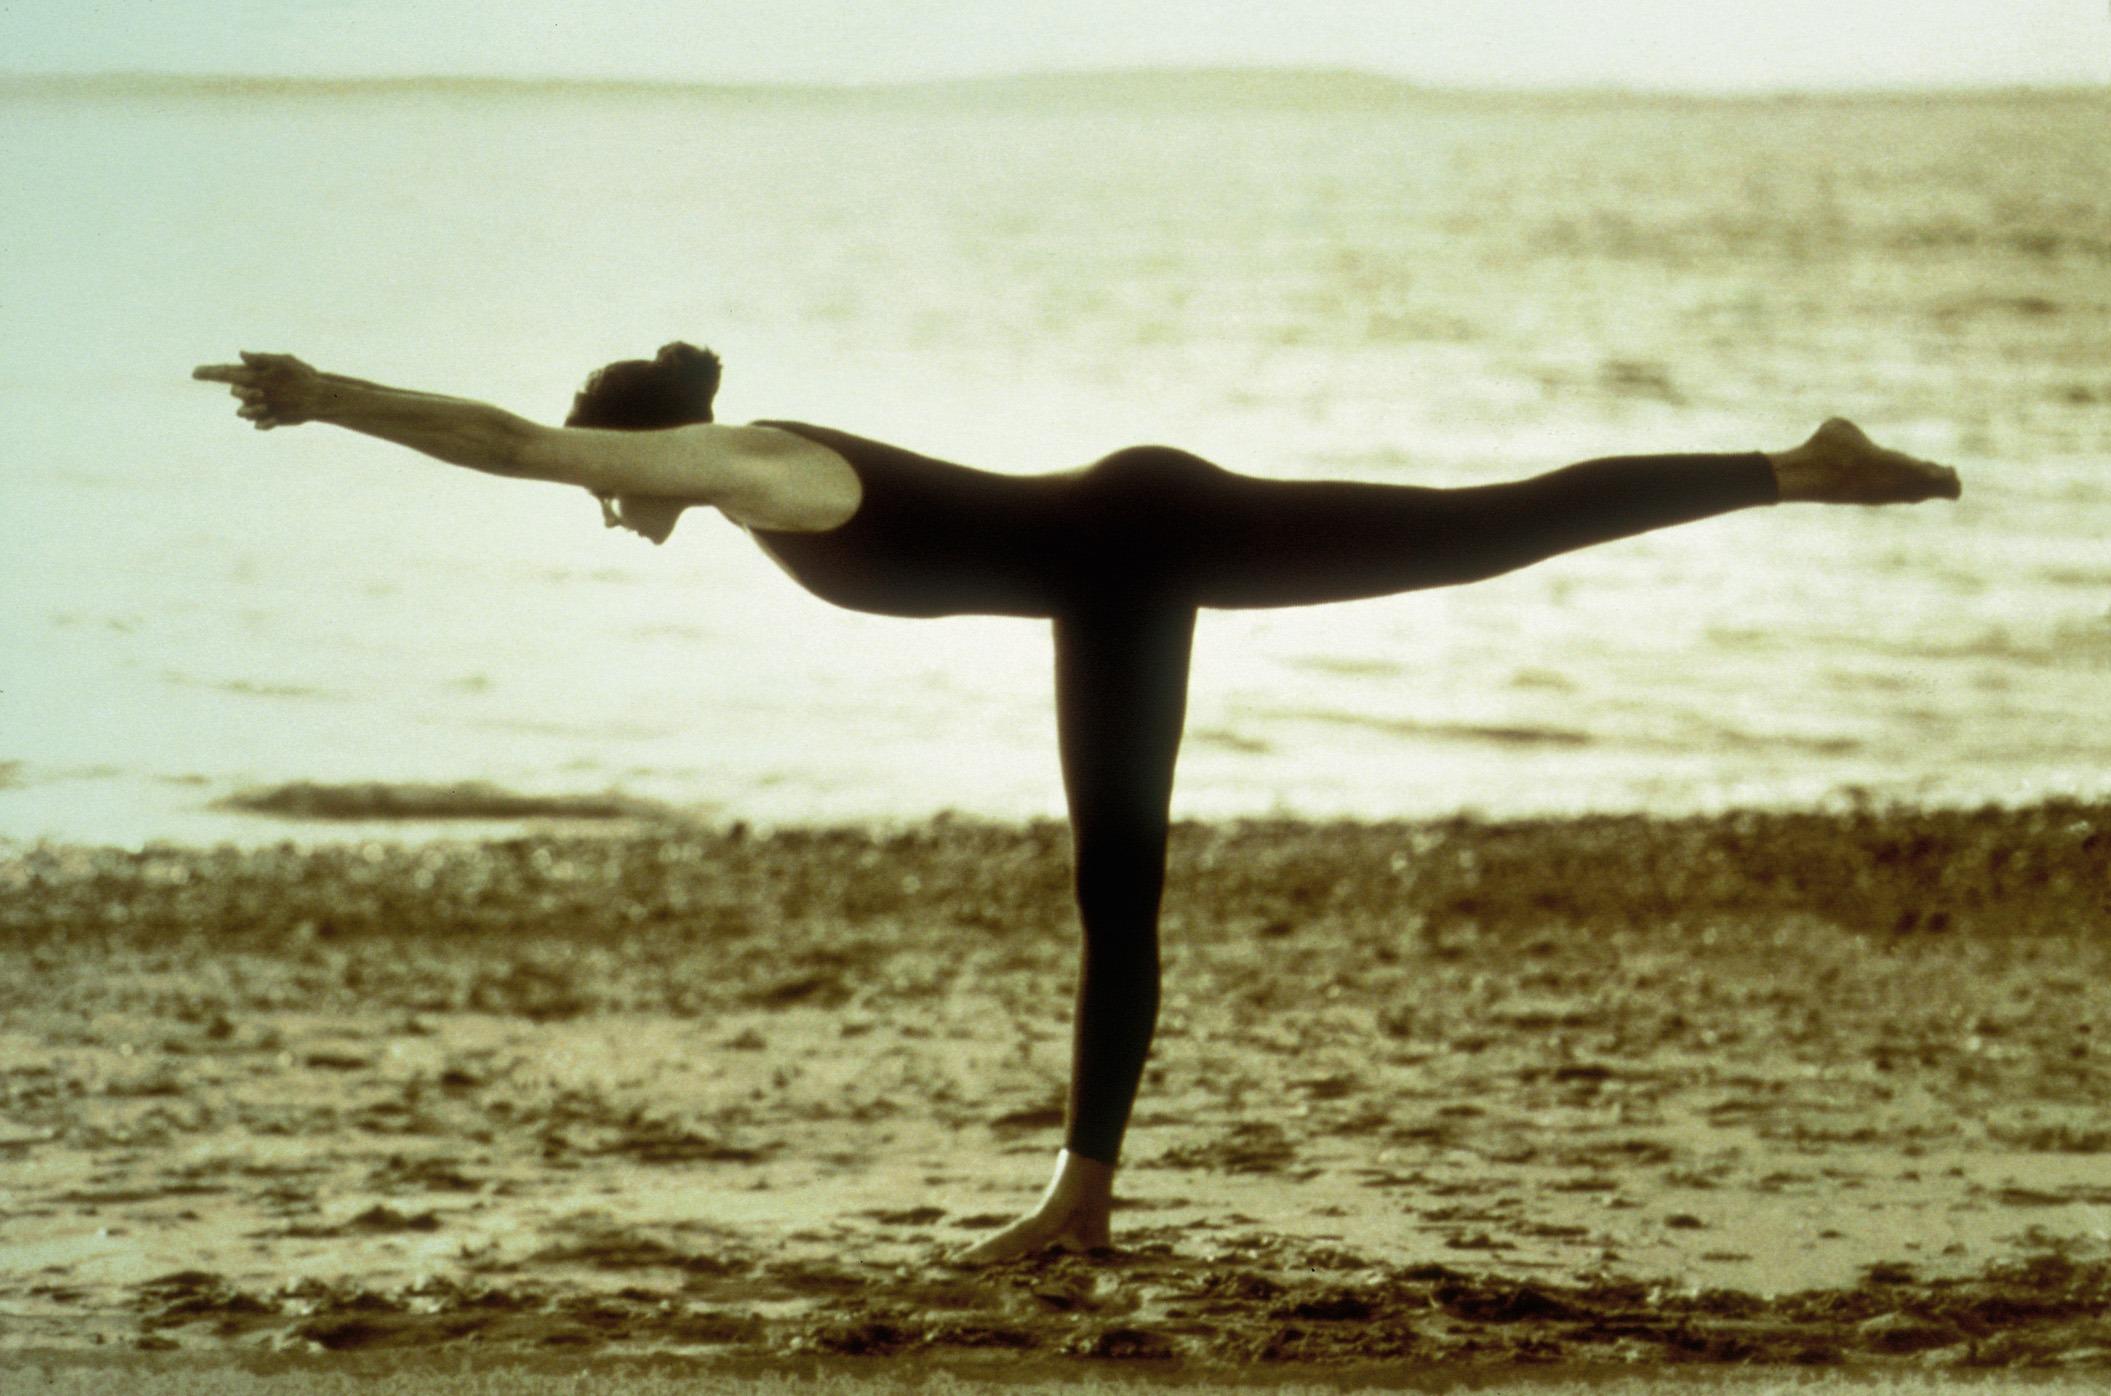 séjour découverte de l'Inde et yoga